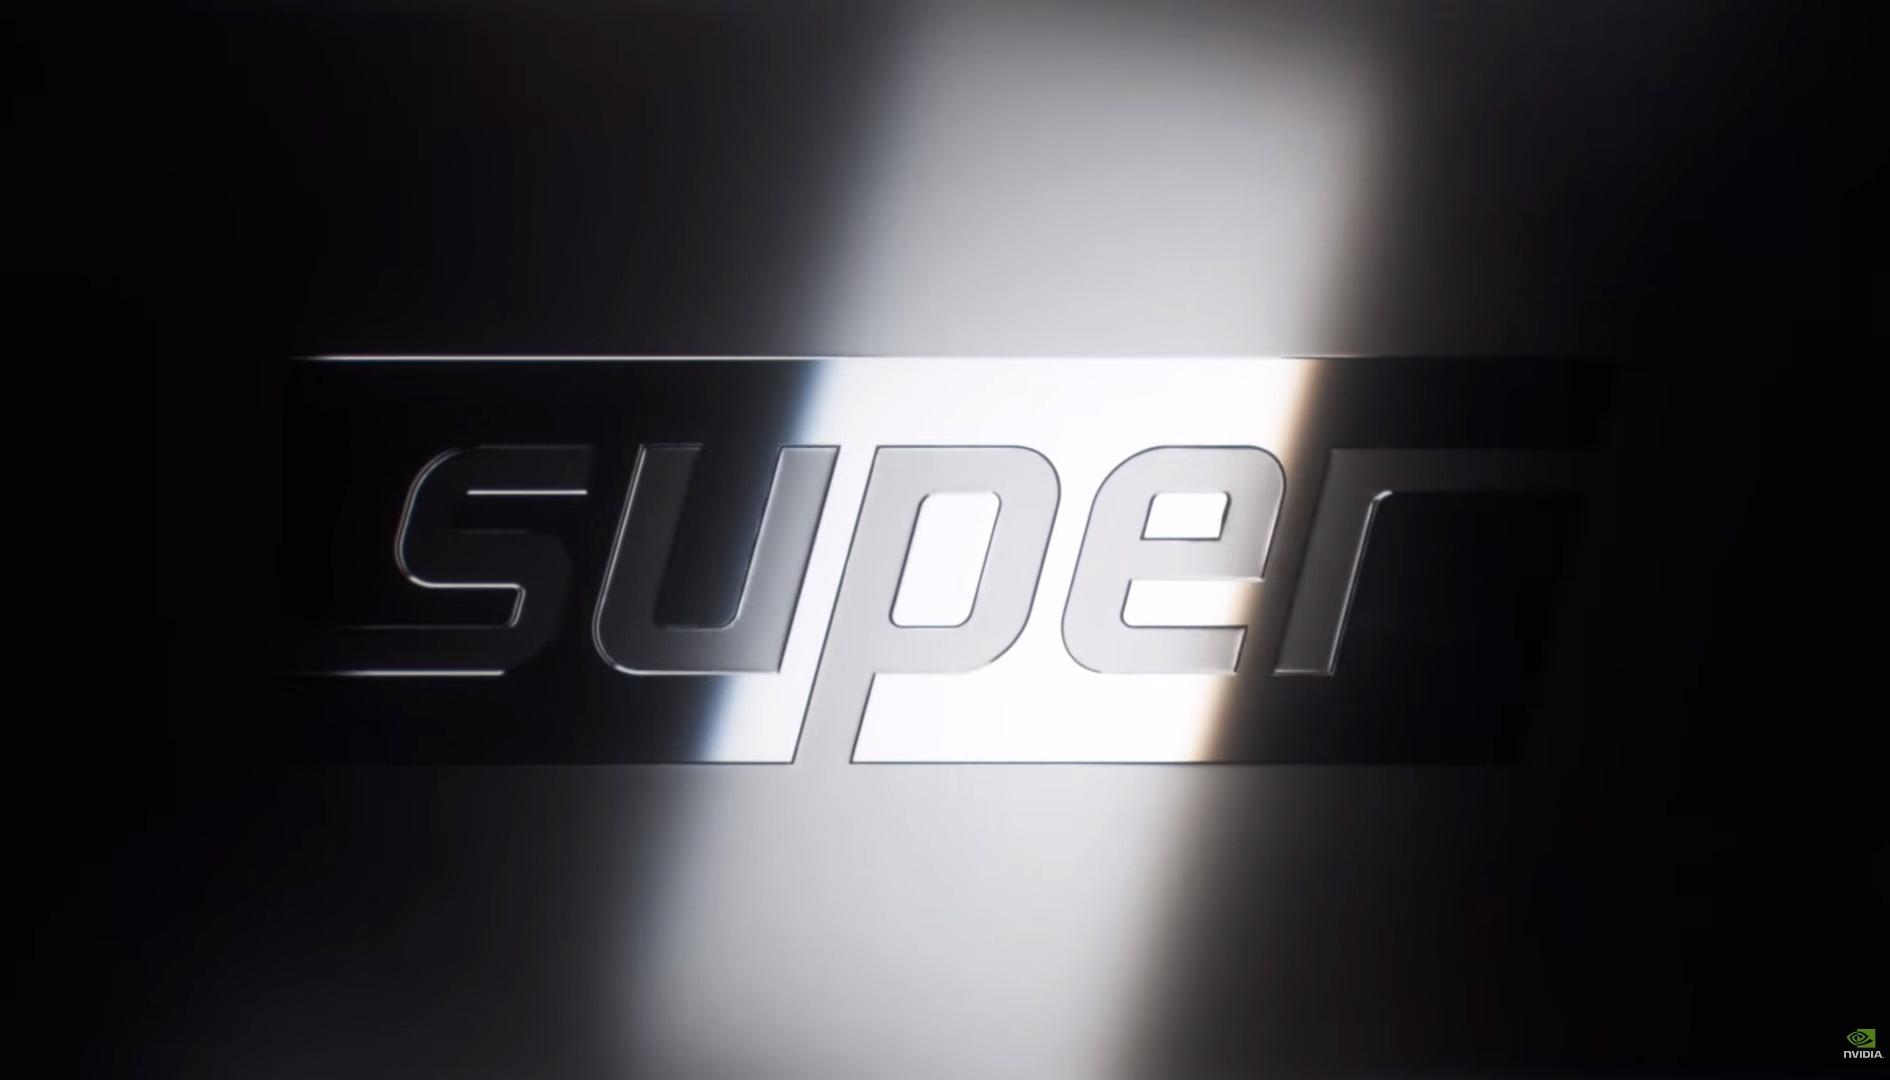 Schede video SUPER, Nvidia non ha ancora finito?